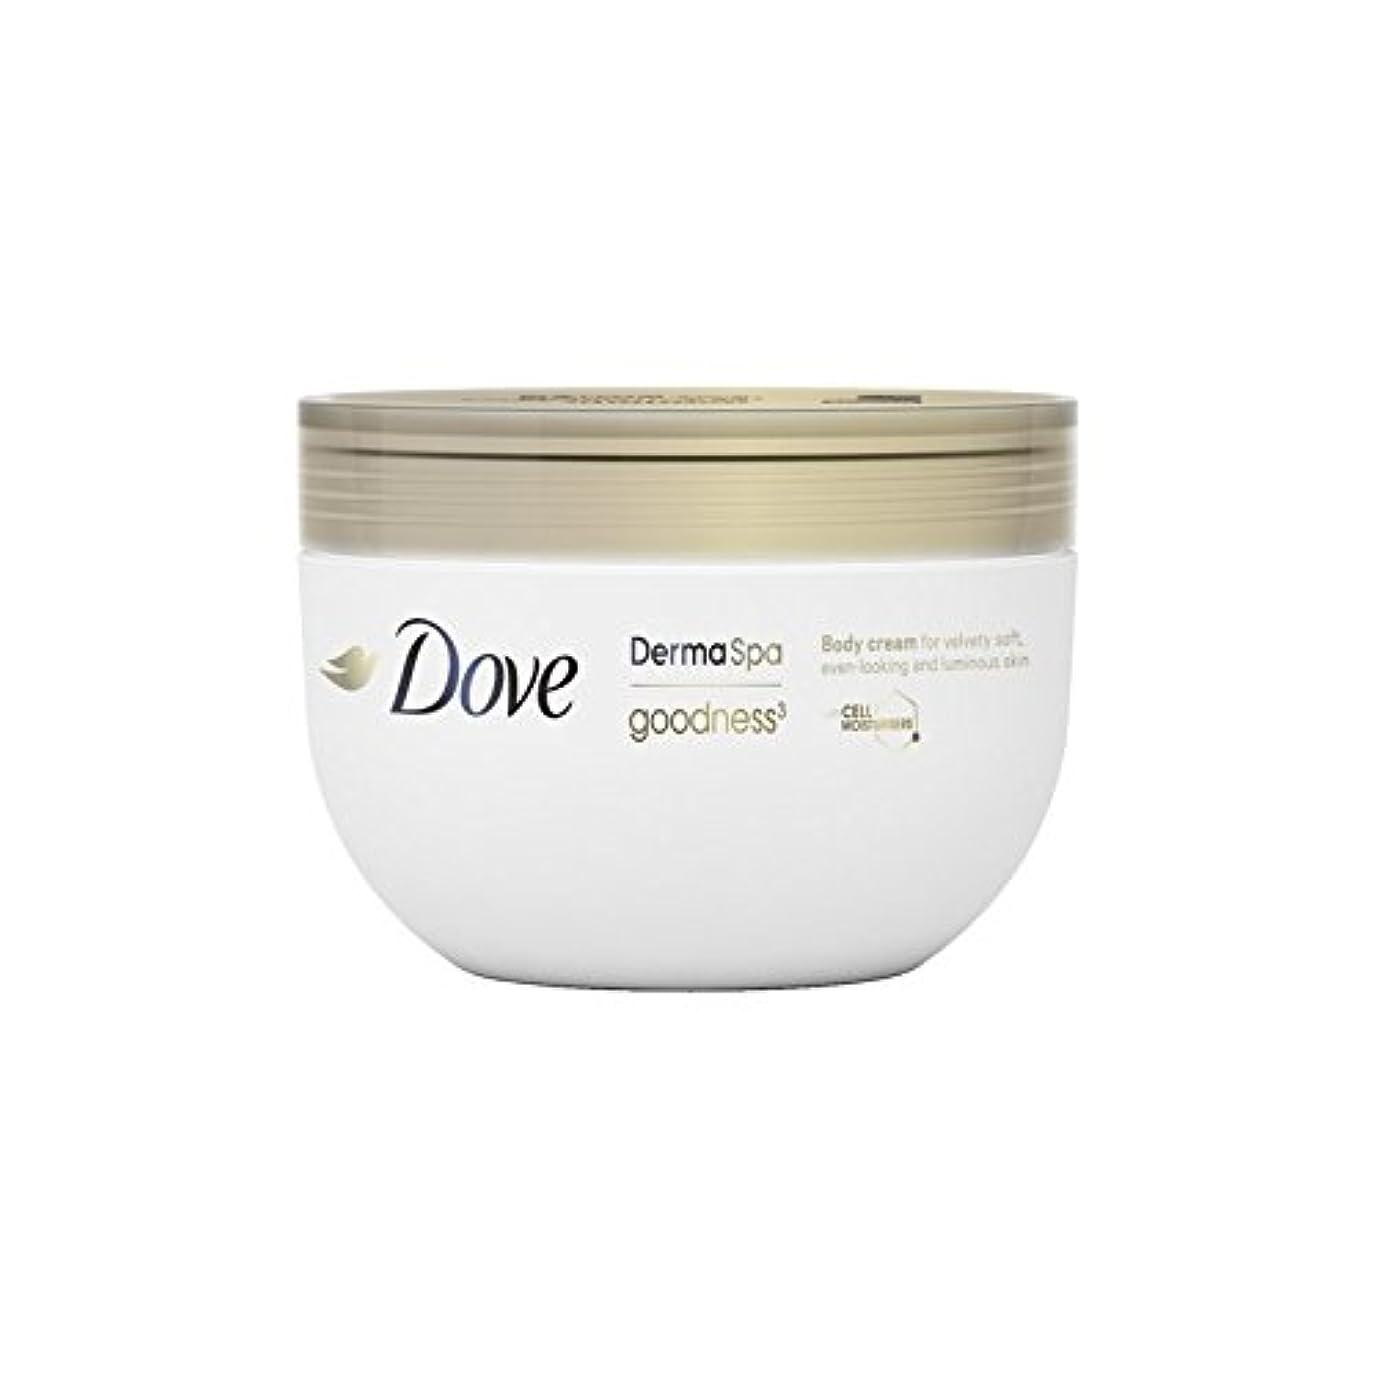 野心下に向けます原油鳩の3ボディクリーム(300ミリリットル) x4 - Dove DermaSpa Goodness3 Body Cream (300ml) (Pack of 4) [並行輸入品]